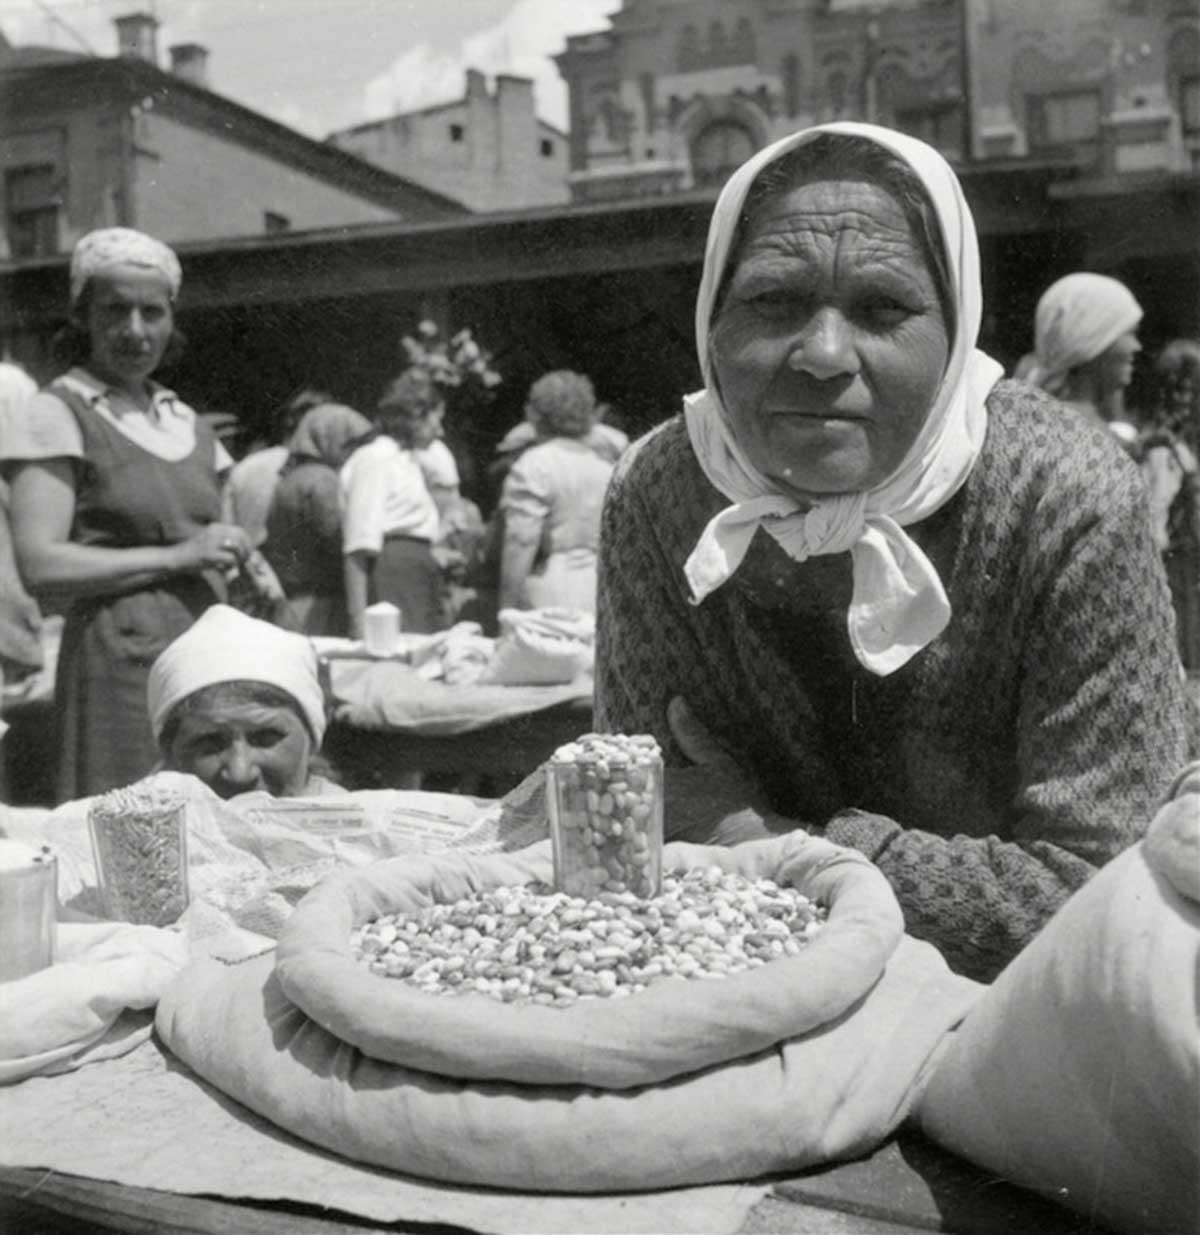 Mujeres campesinas en un mercado de venta de frijoles.